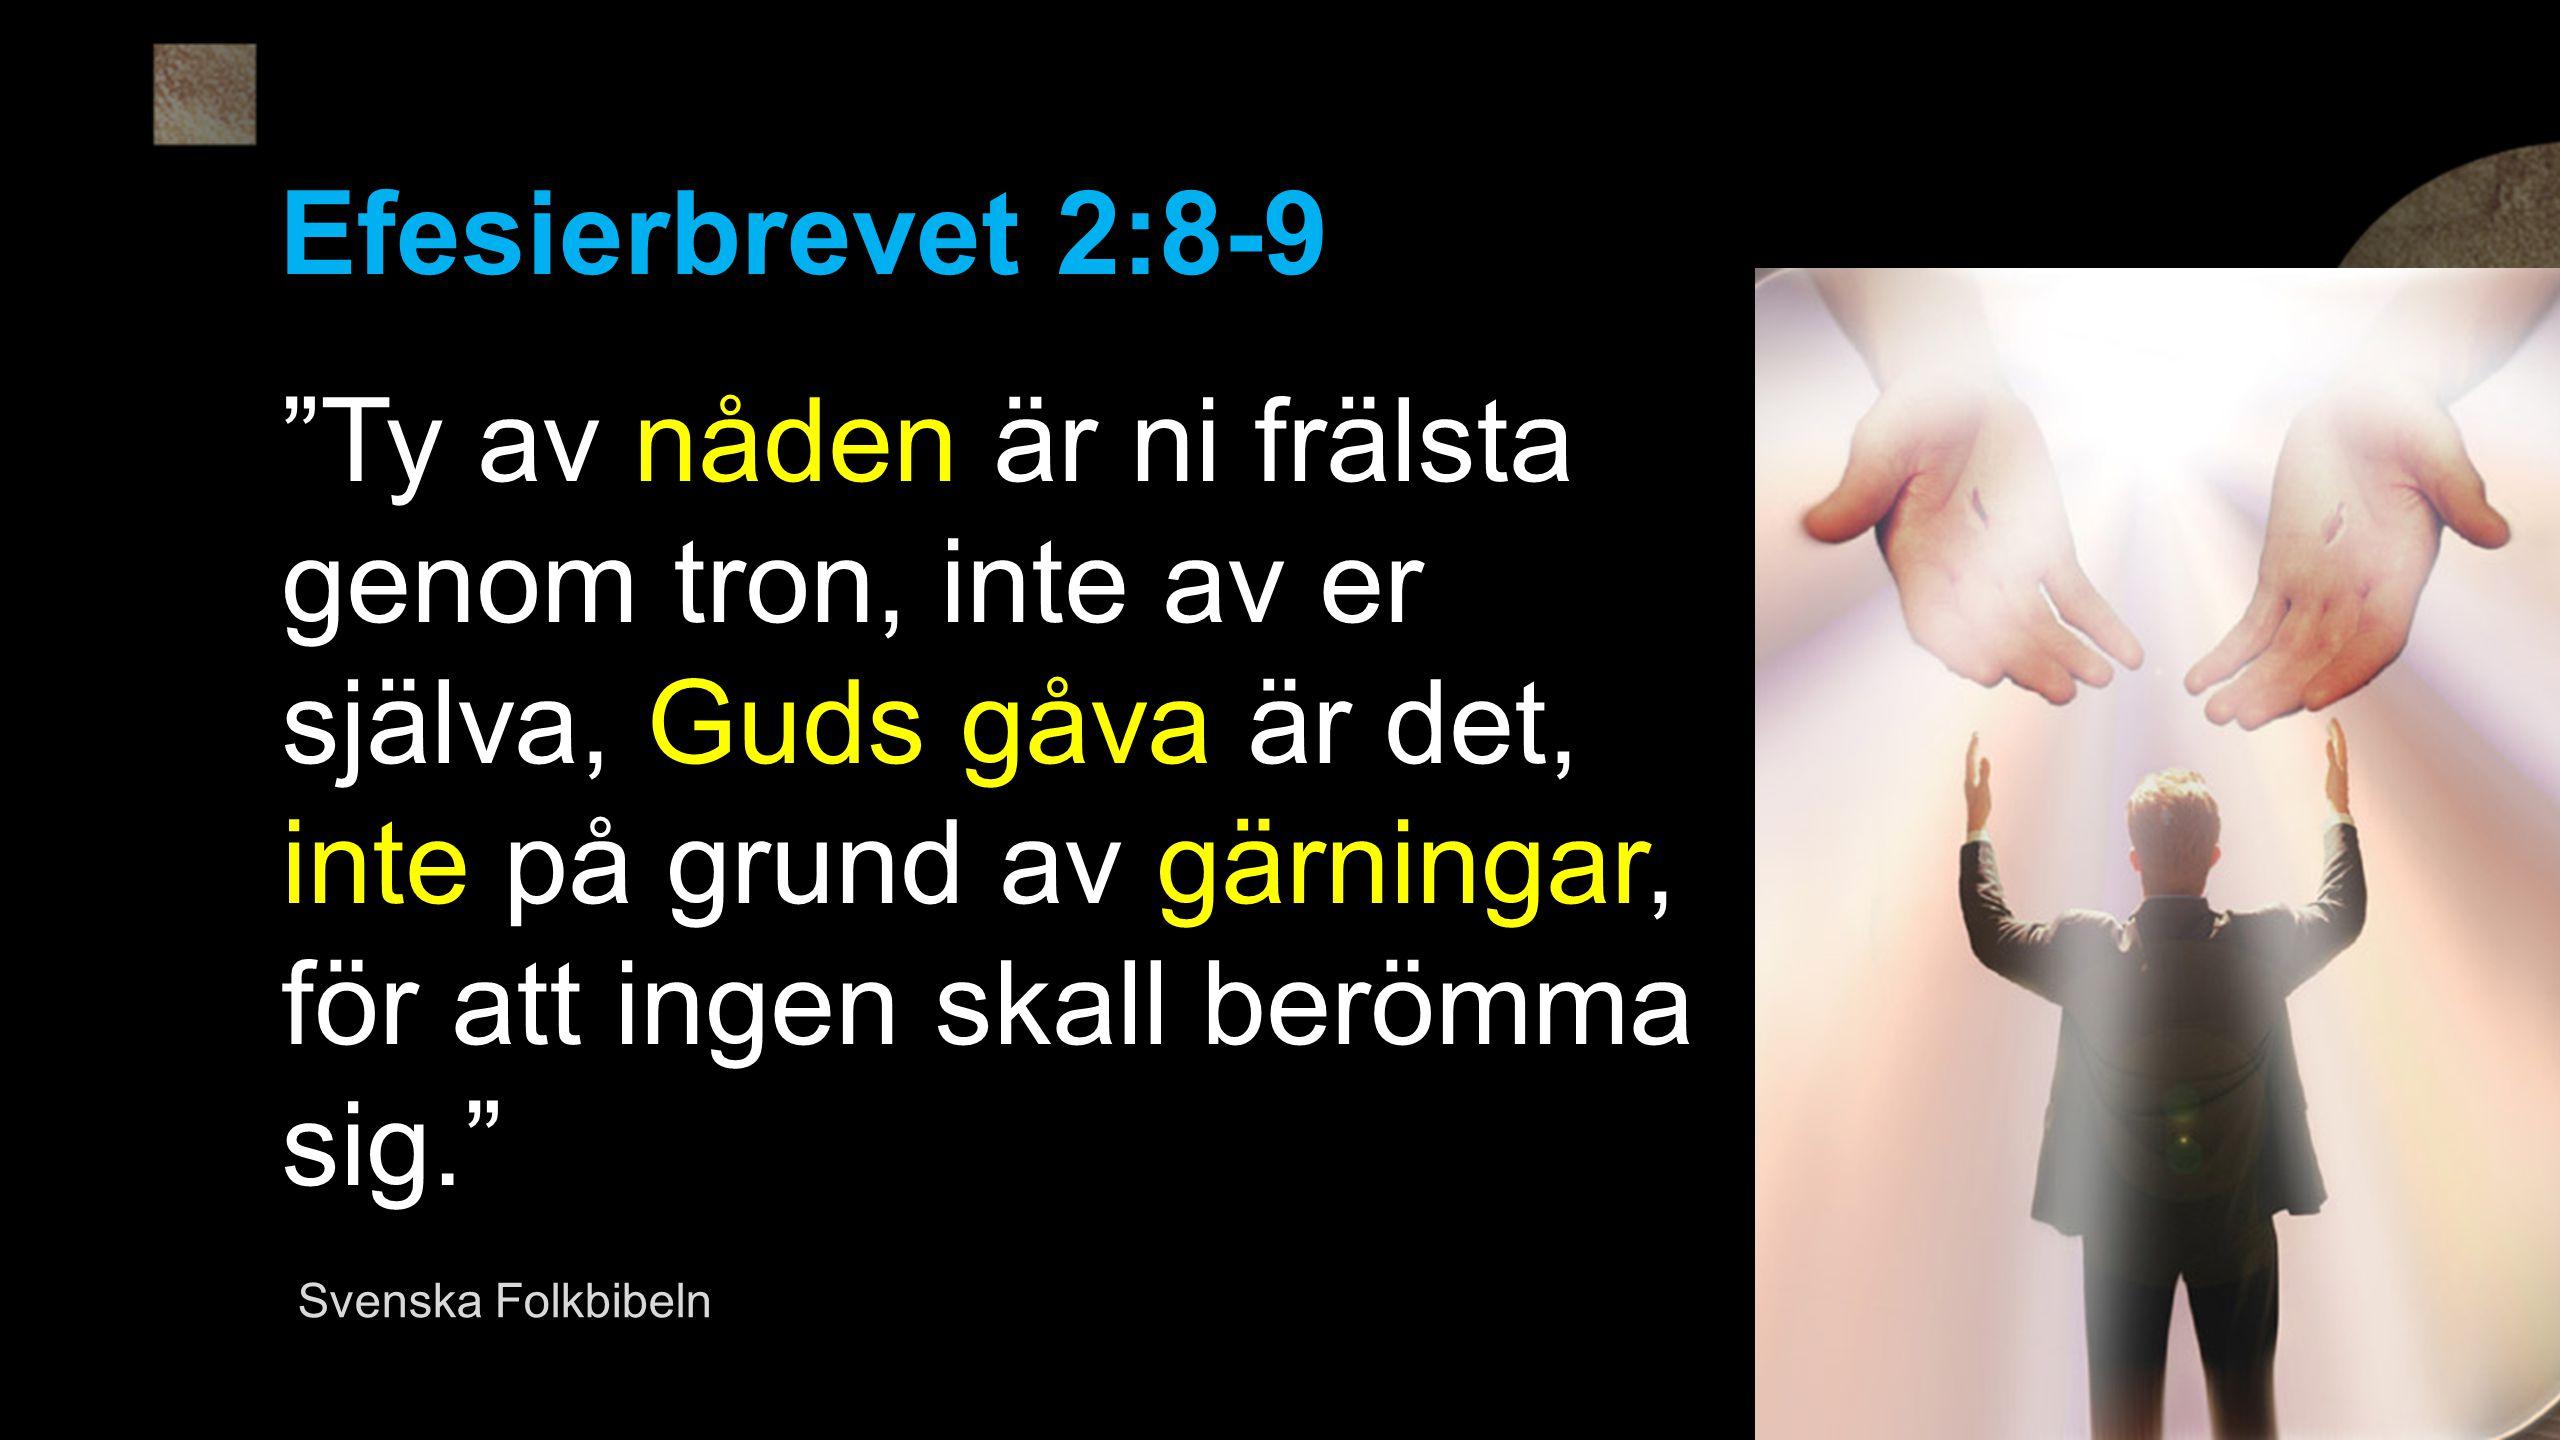 Efesierbrevet 2:8-9 Ty av nåden är ni frälsta genom tron, inte av er själva, Guds gåva är det, inte på grund av gärningar, för att ingen skall berömma sig. Svenska Folkbibeln